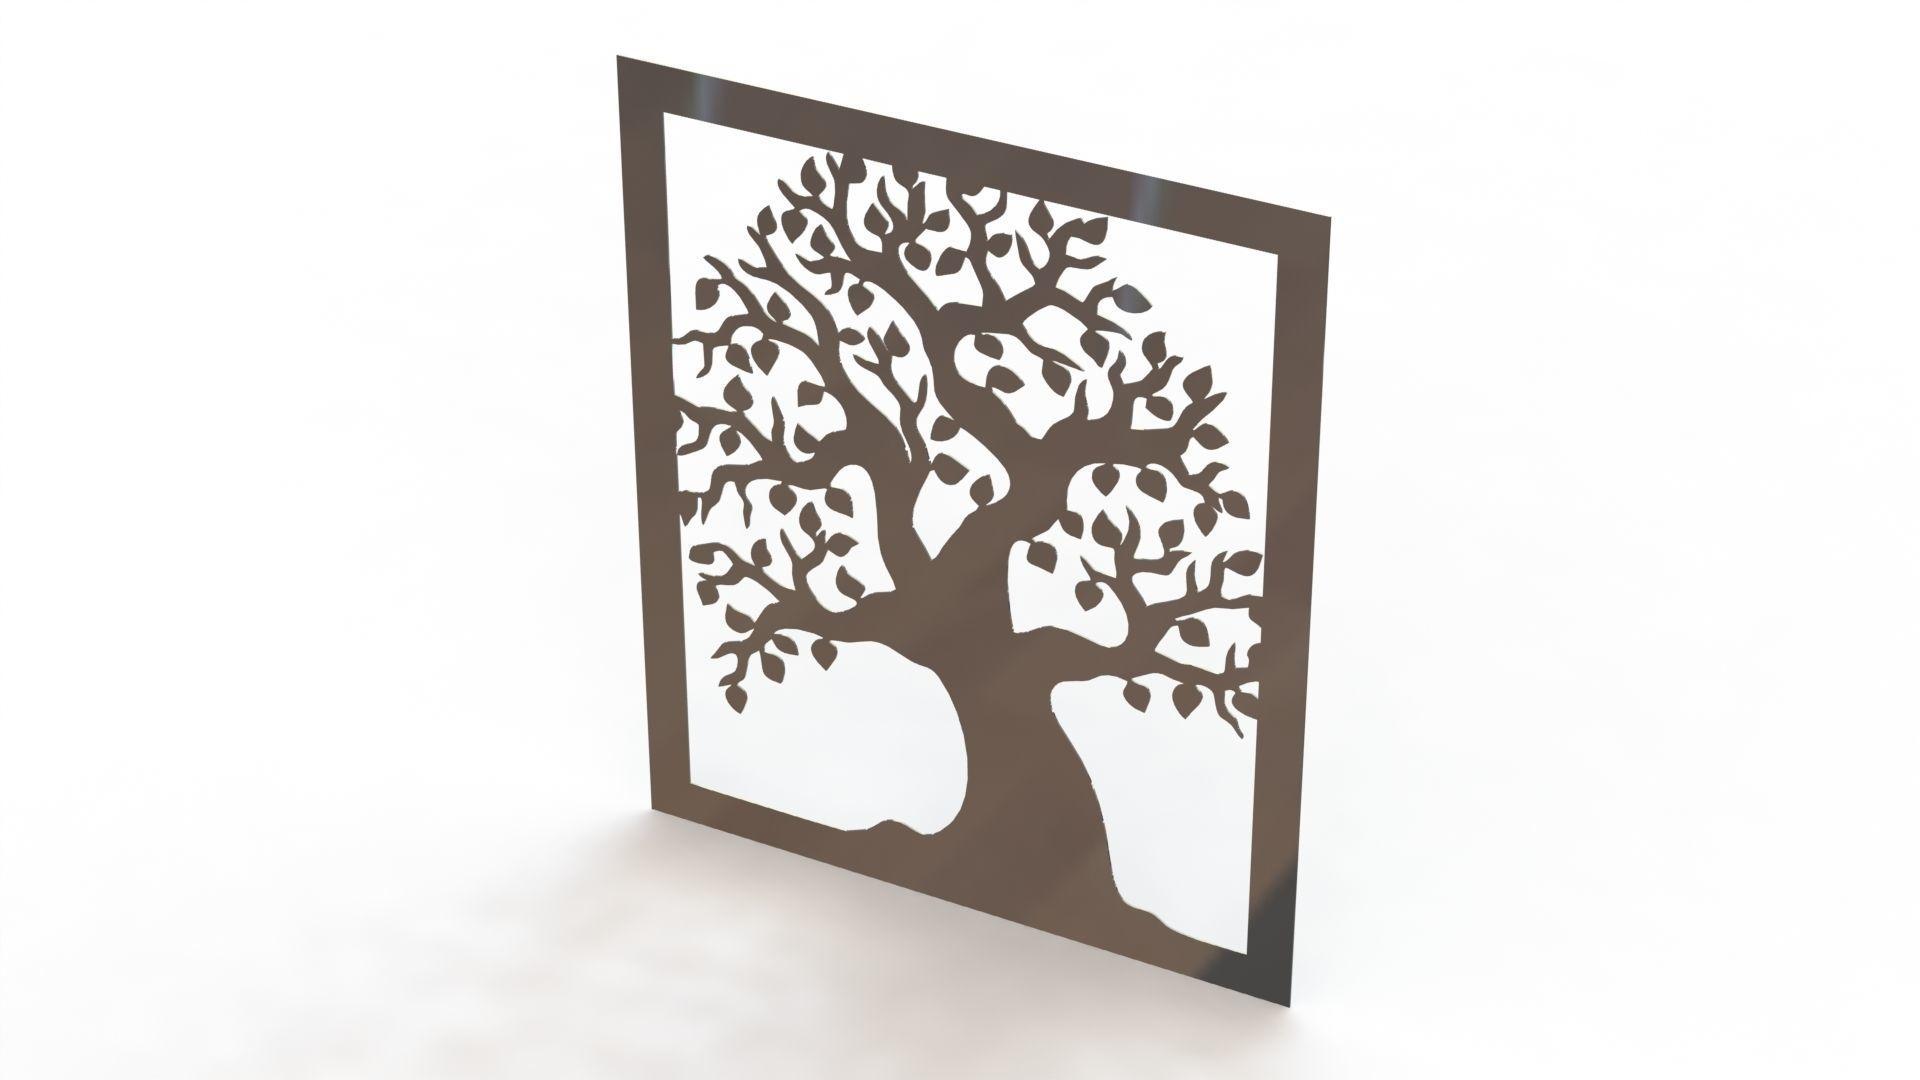 Tree steel painting